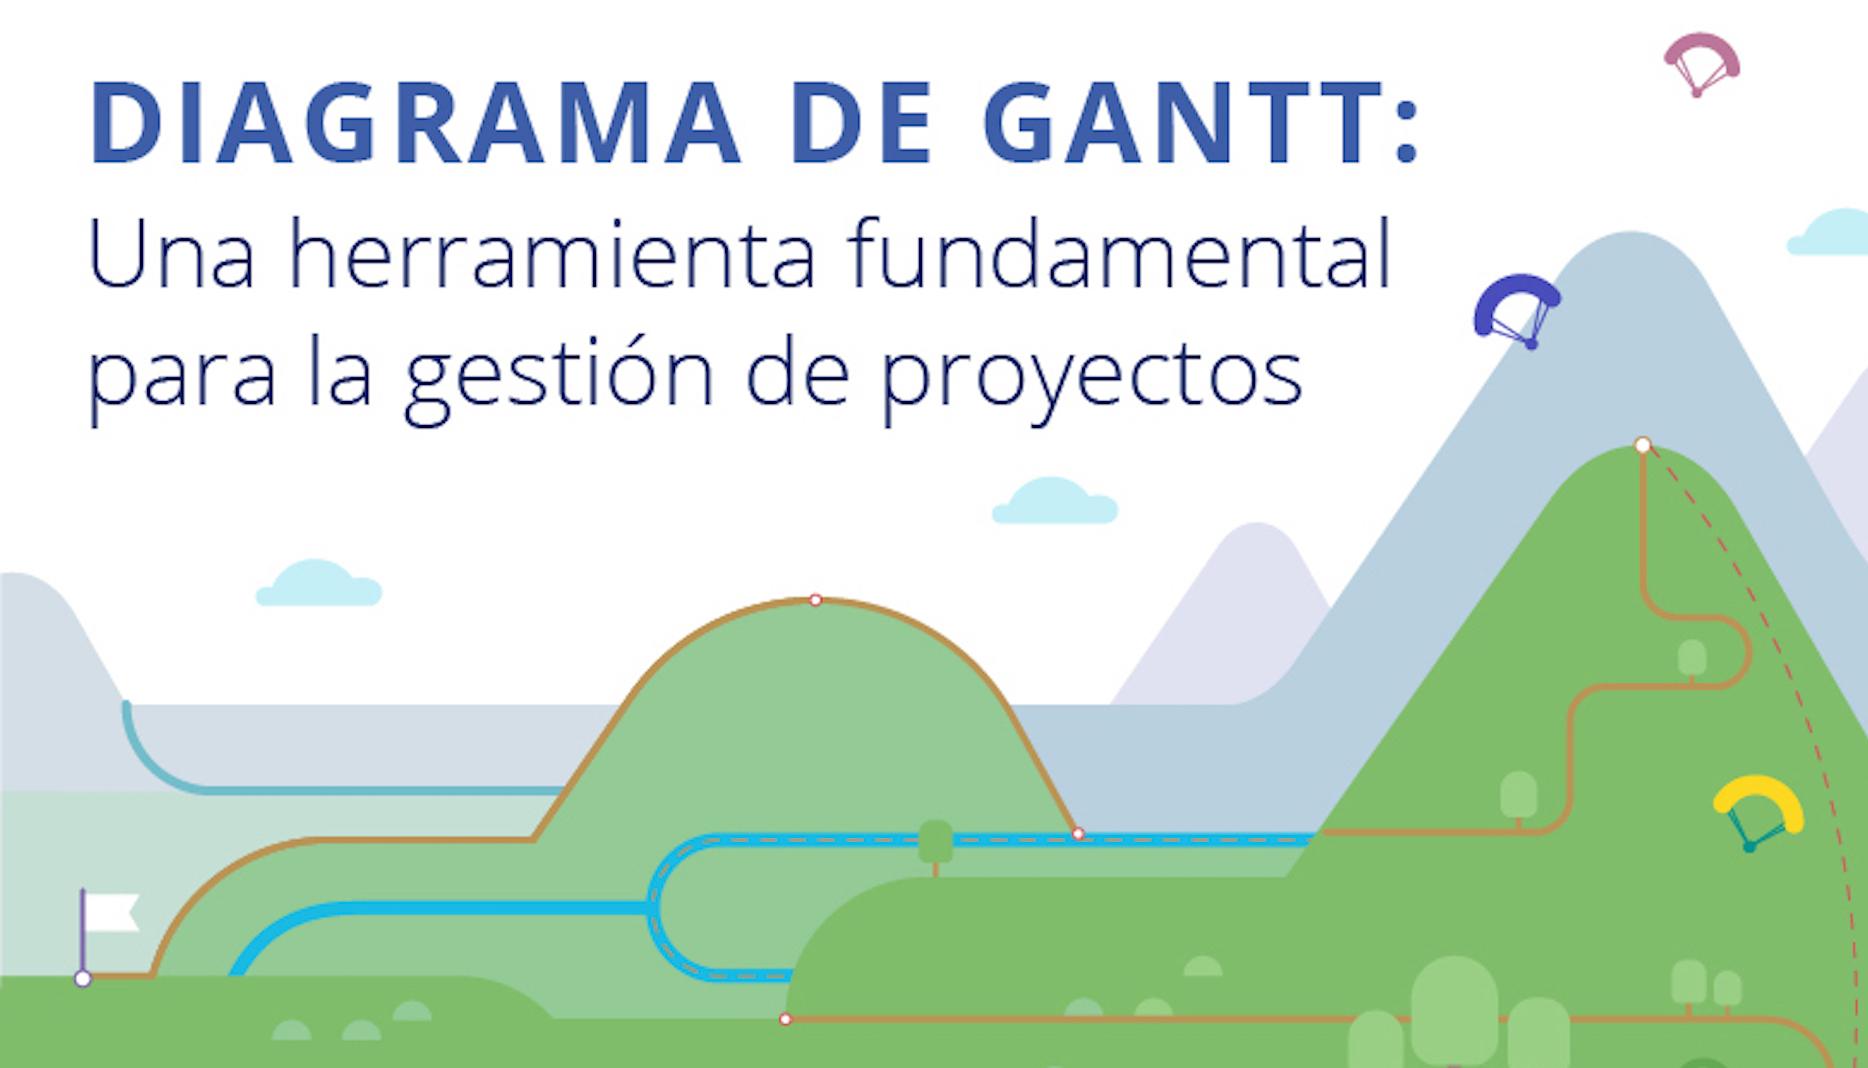 Software de diagramas de Gantt: una herramienta fundamental para la gestión de proyectos (infografía)